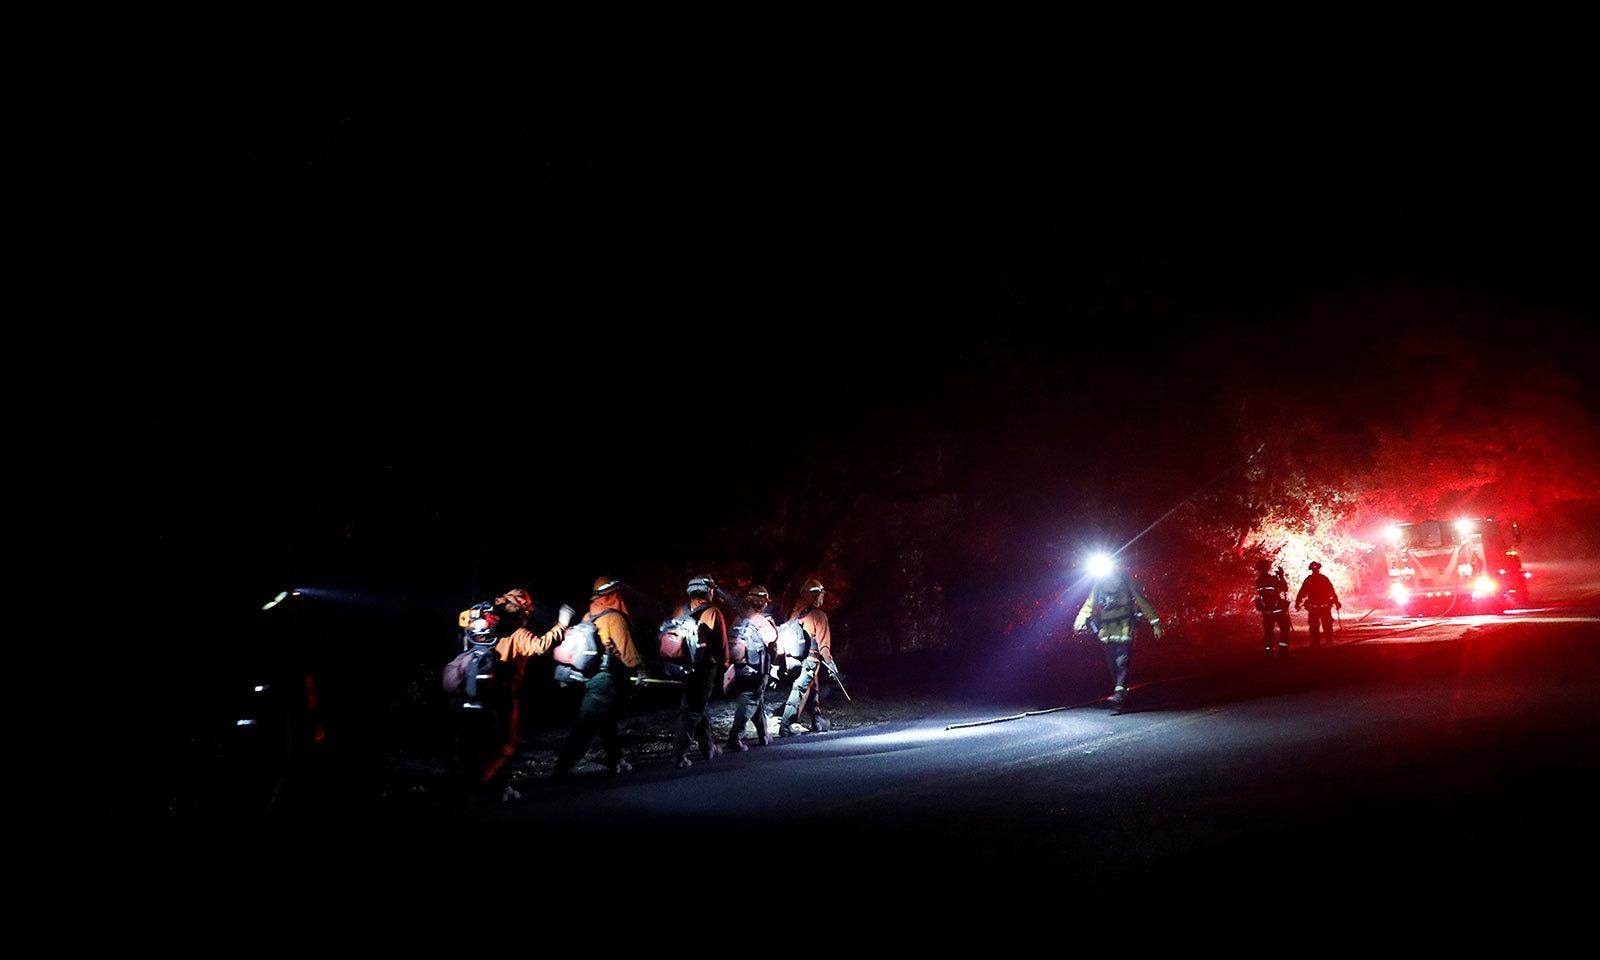 عملہ آگ بجھانے کے لیے پہاڑی علاقے کی جانب رواں دواں ہے—فوٹو:رائٹرز